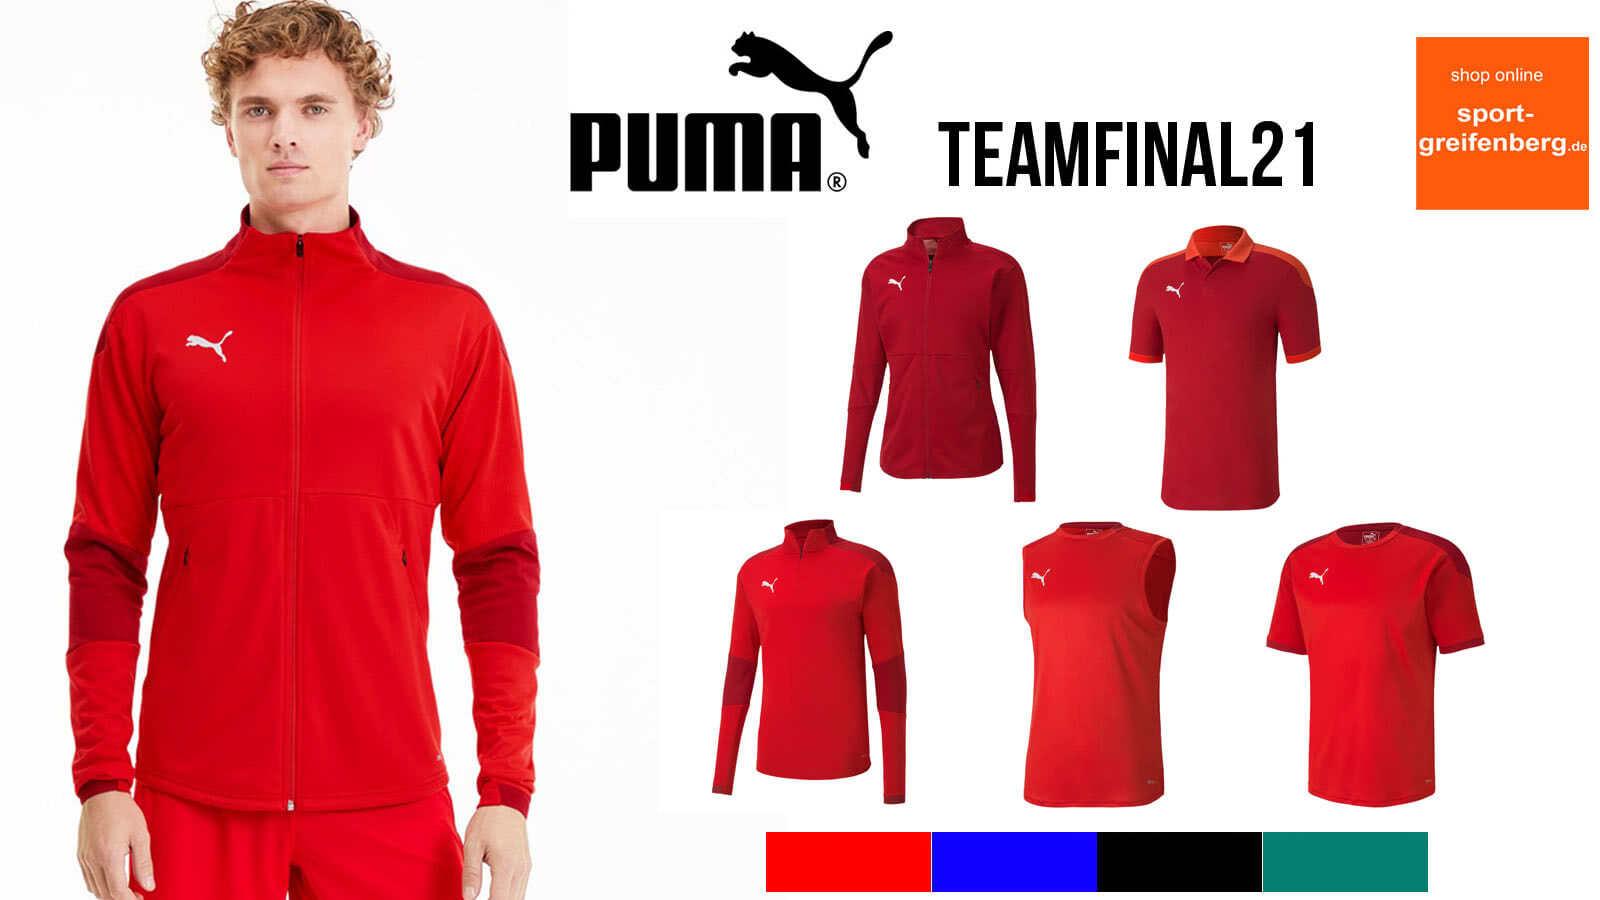 Die Puma Teamfinal 21 Linie im Katalog 2020 und 2021